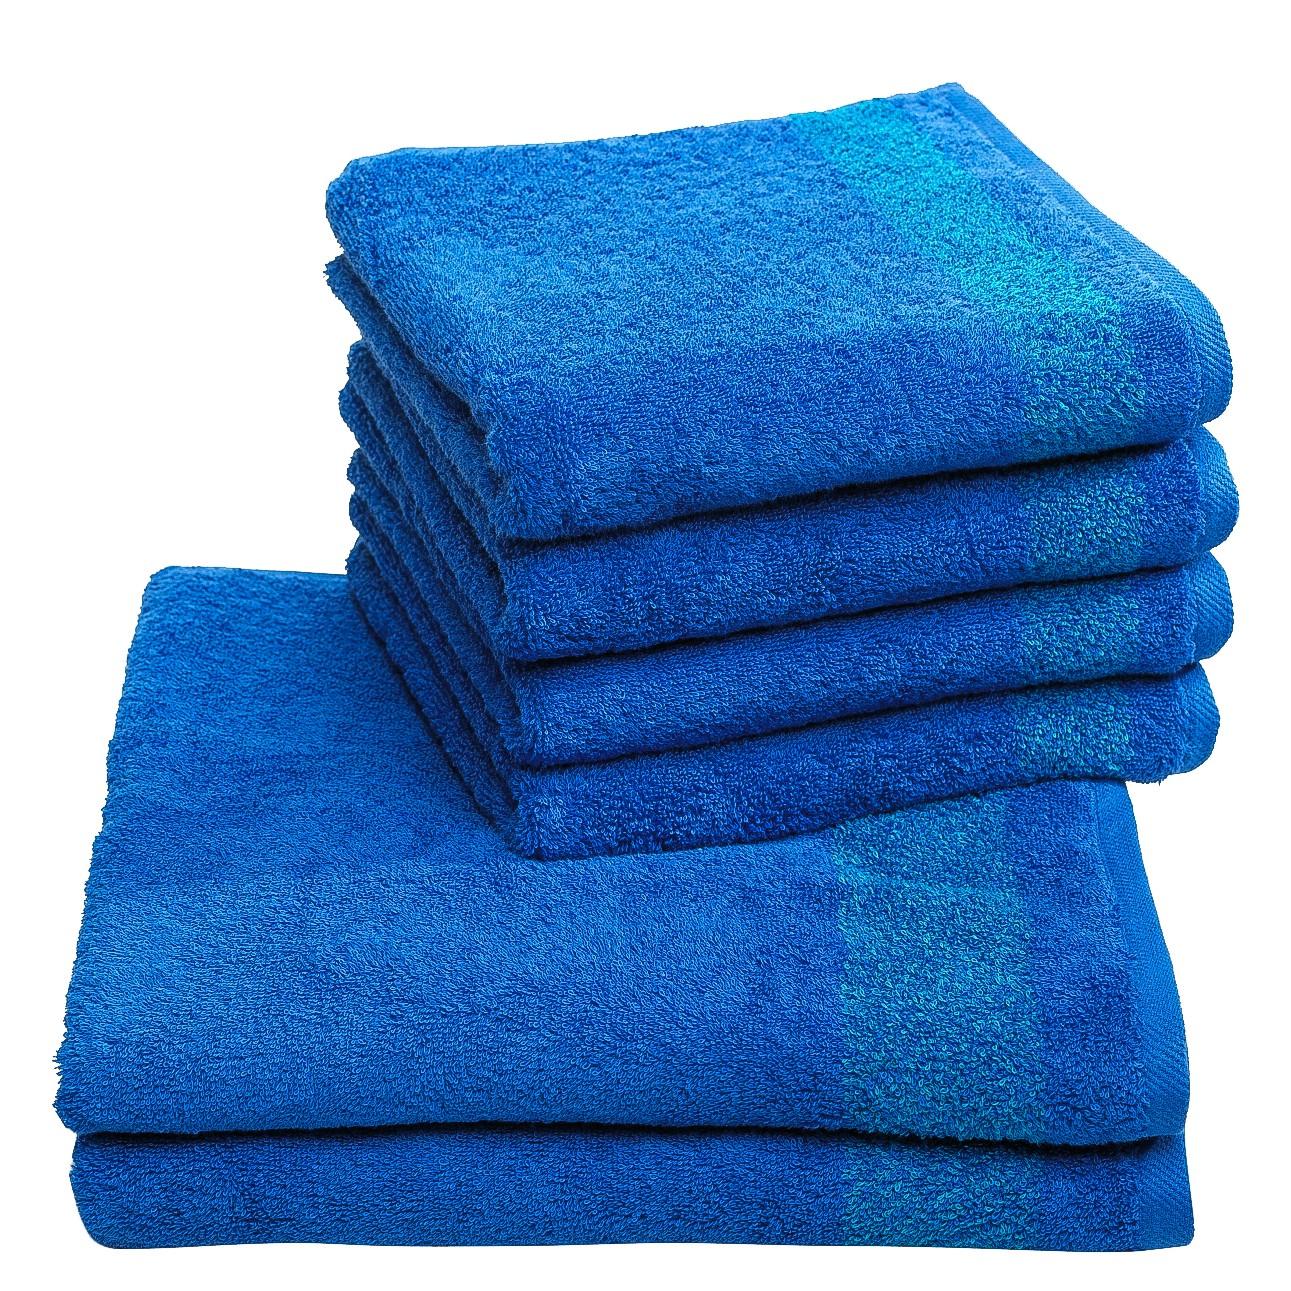 Handdoeken Borgo (6-delige set) - katoen - Blauw, Vestio